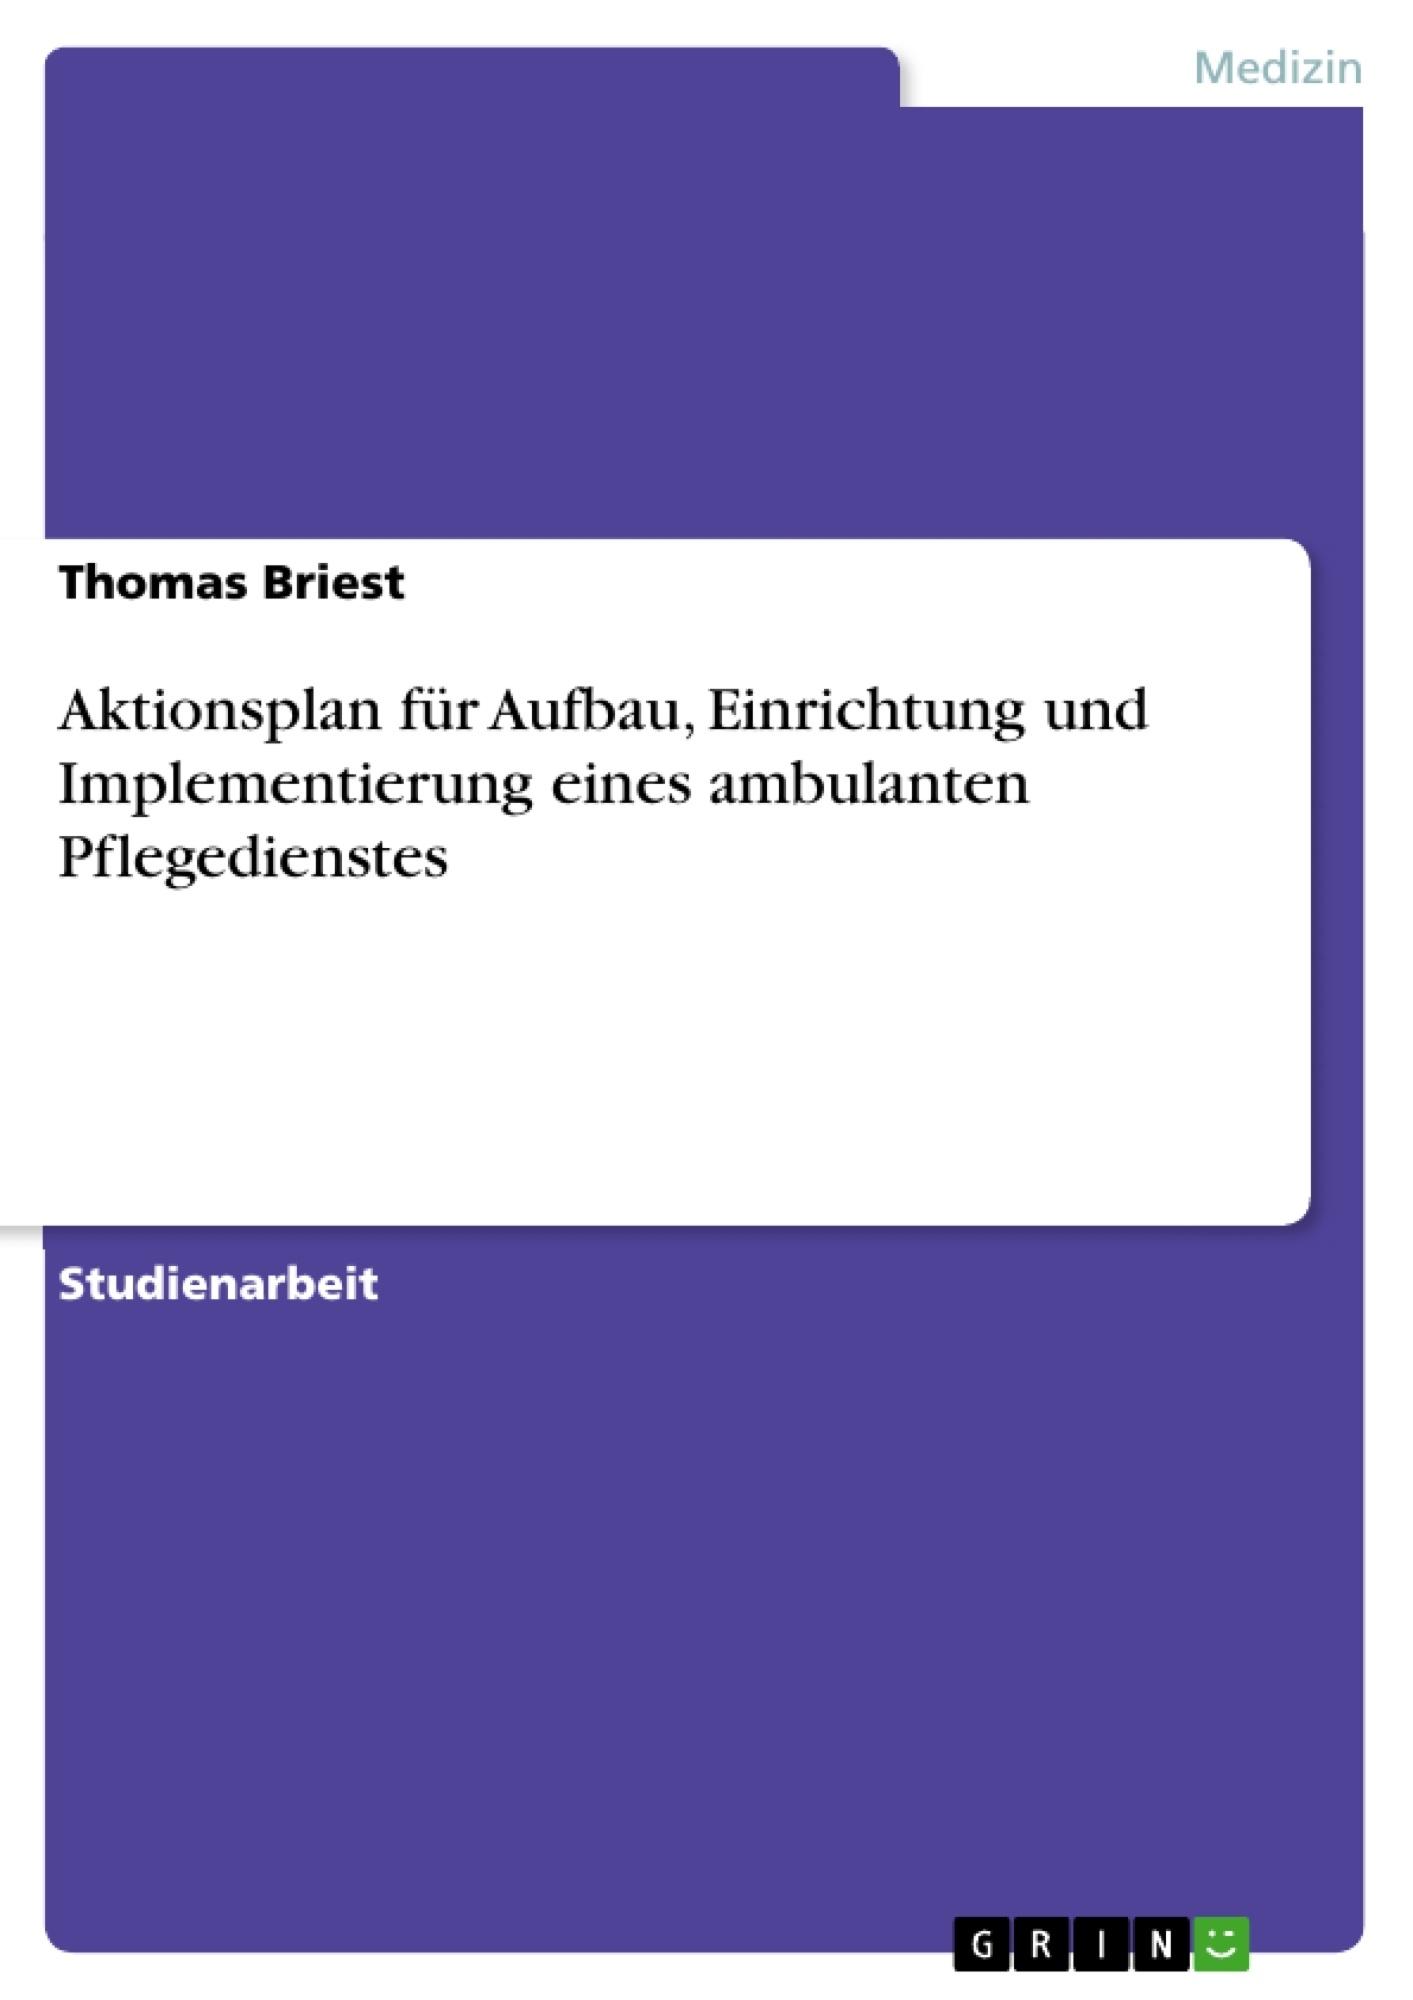 Titel: Aktionsplan für Aufbau, Einrichtung und  Implementierung eines ambulanten Pflegedienstes